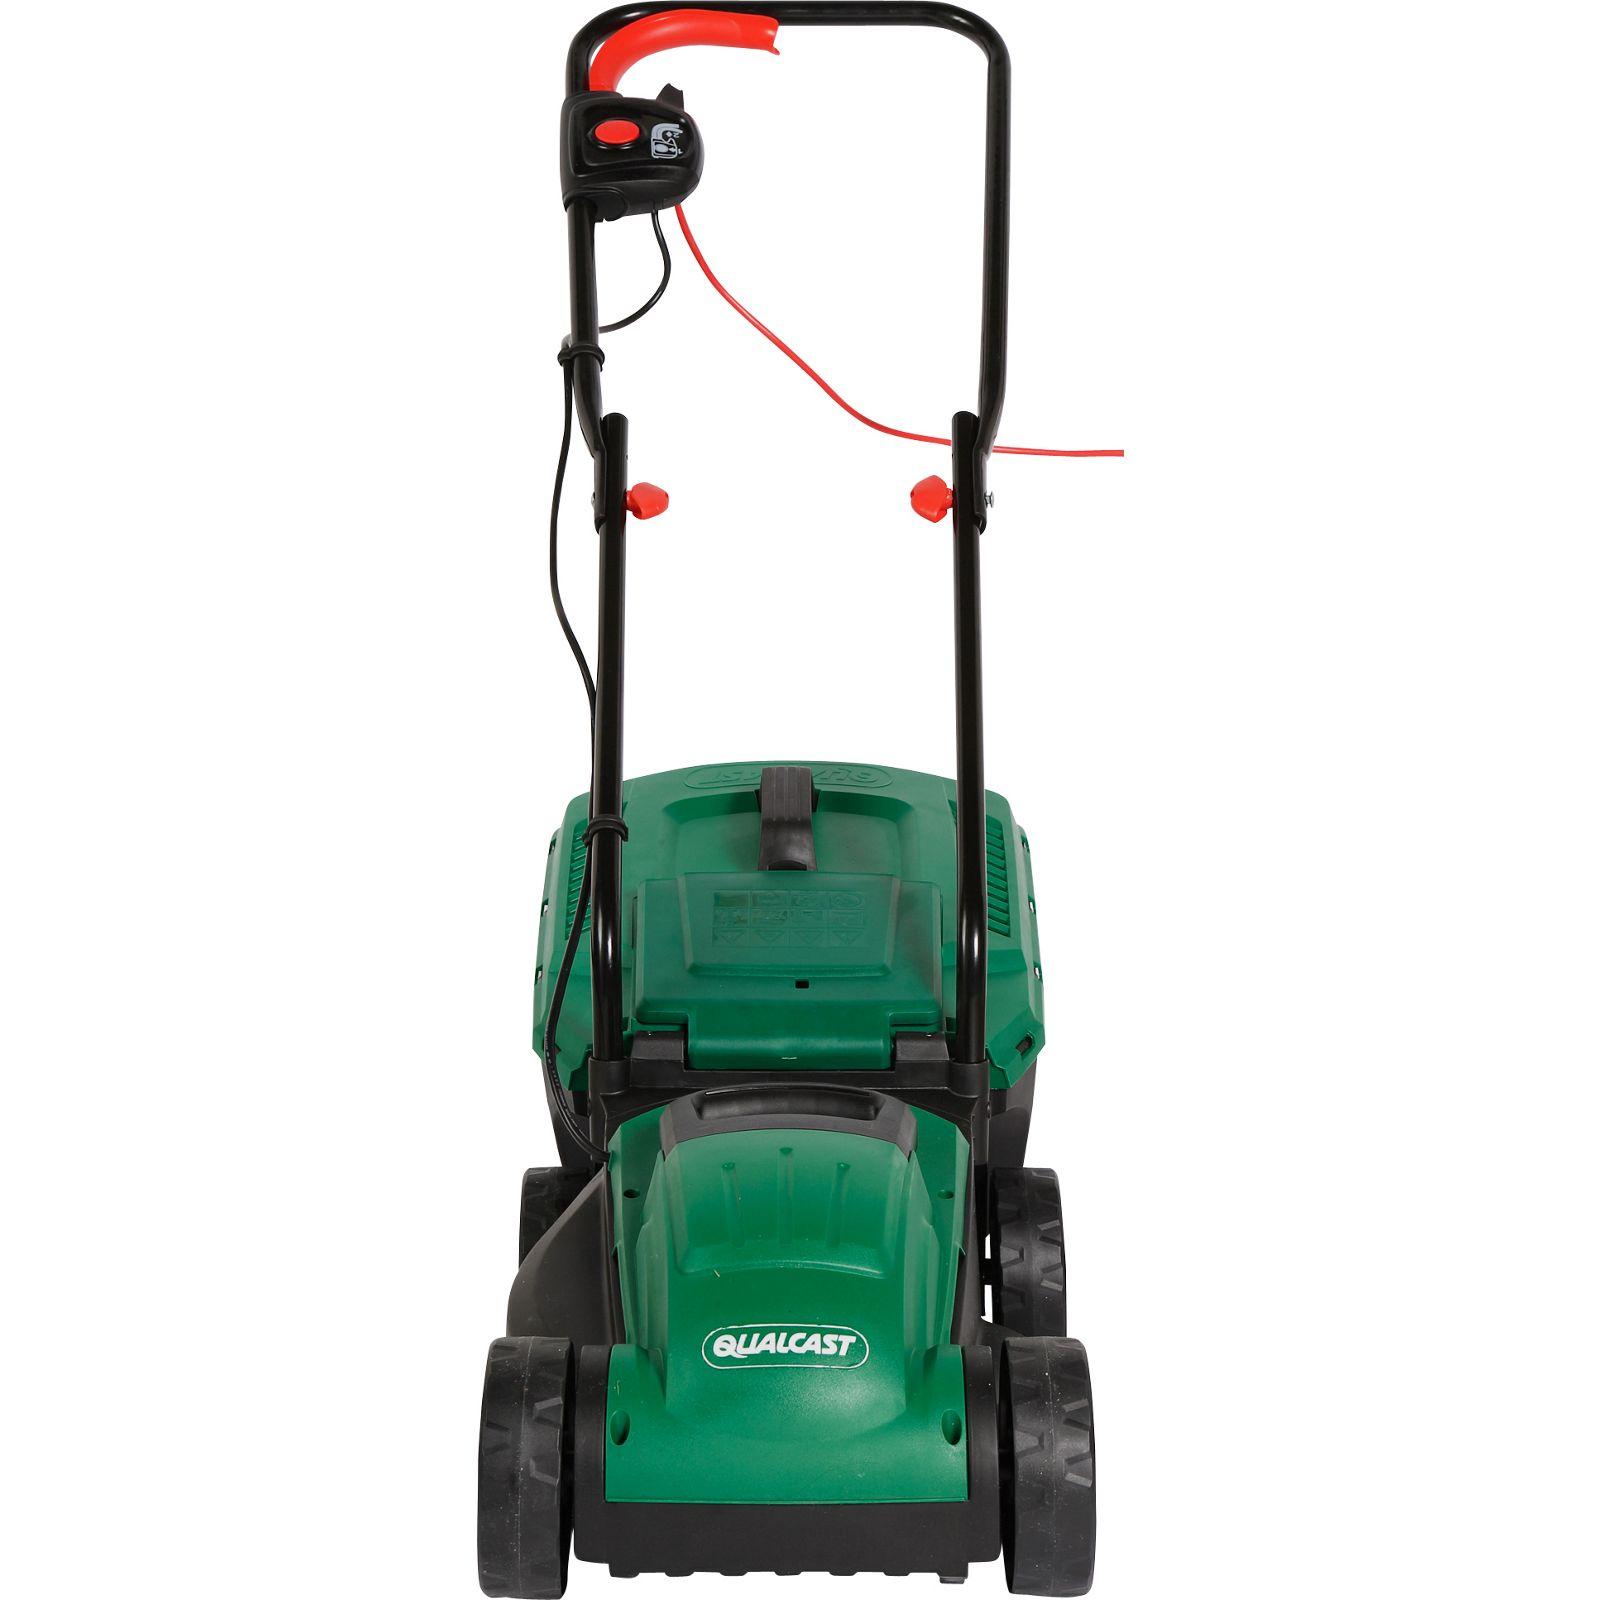 Qualcast 1200W Electric Rotary Lawn Mower - 32cm - £45